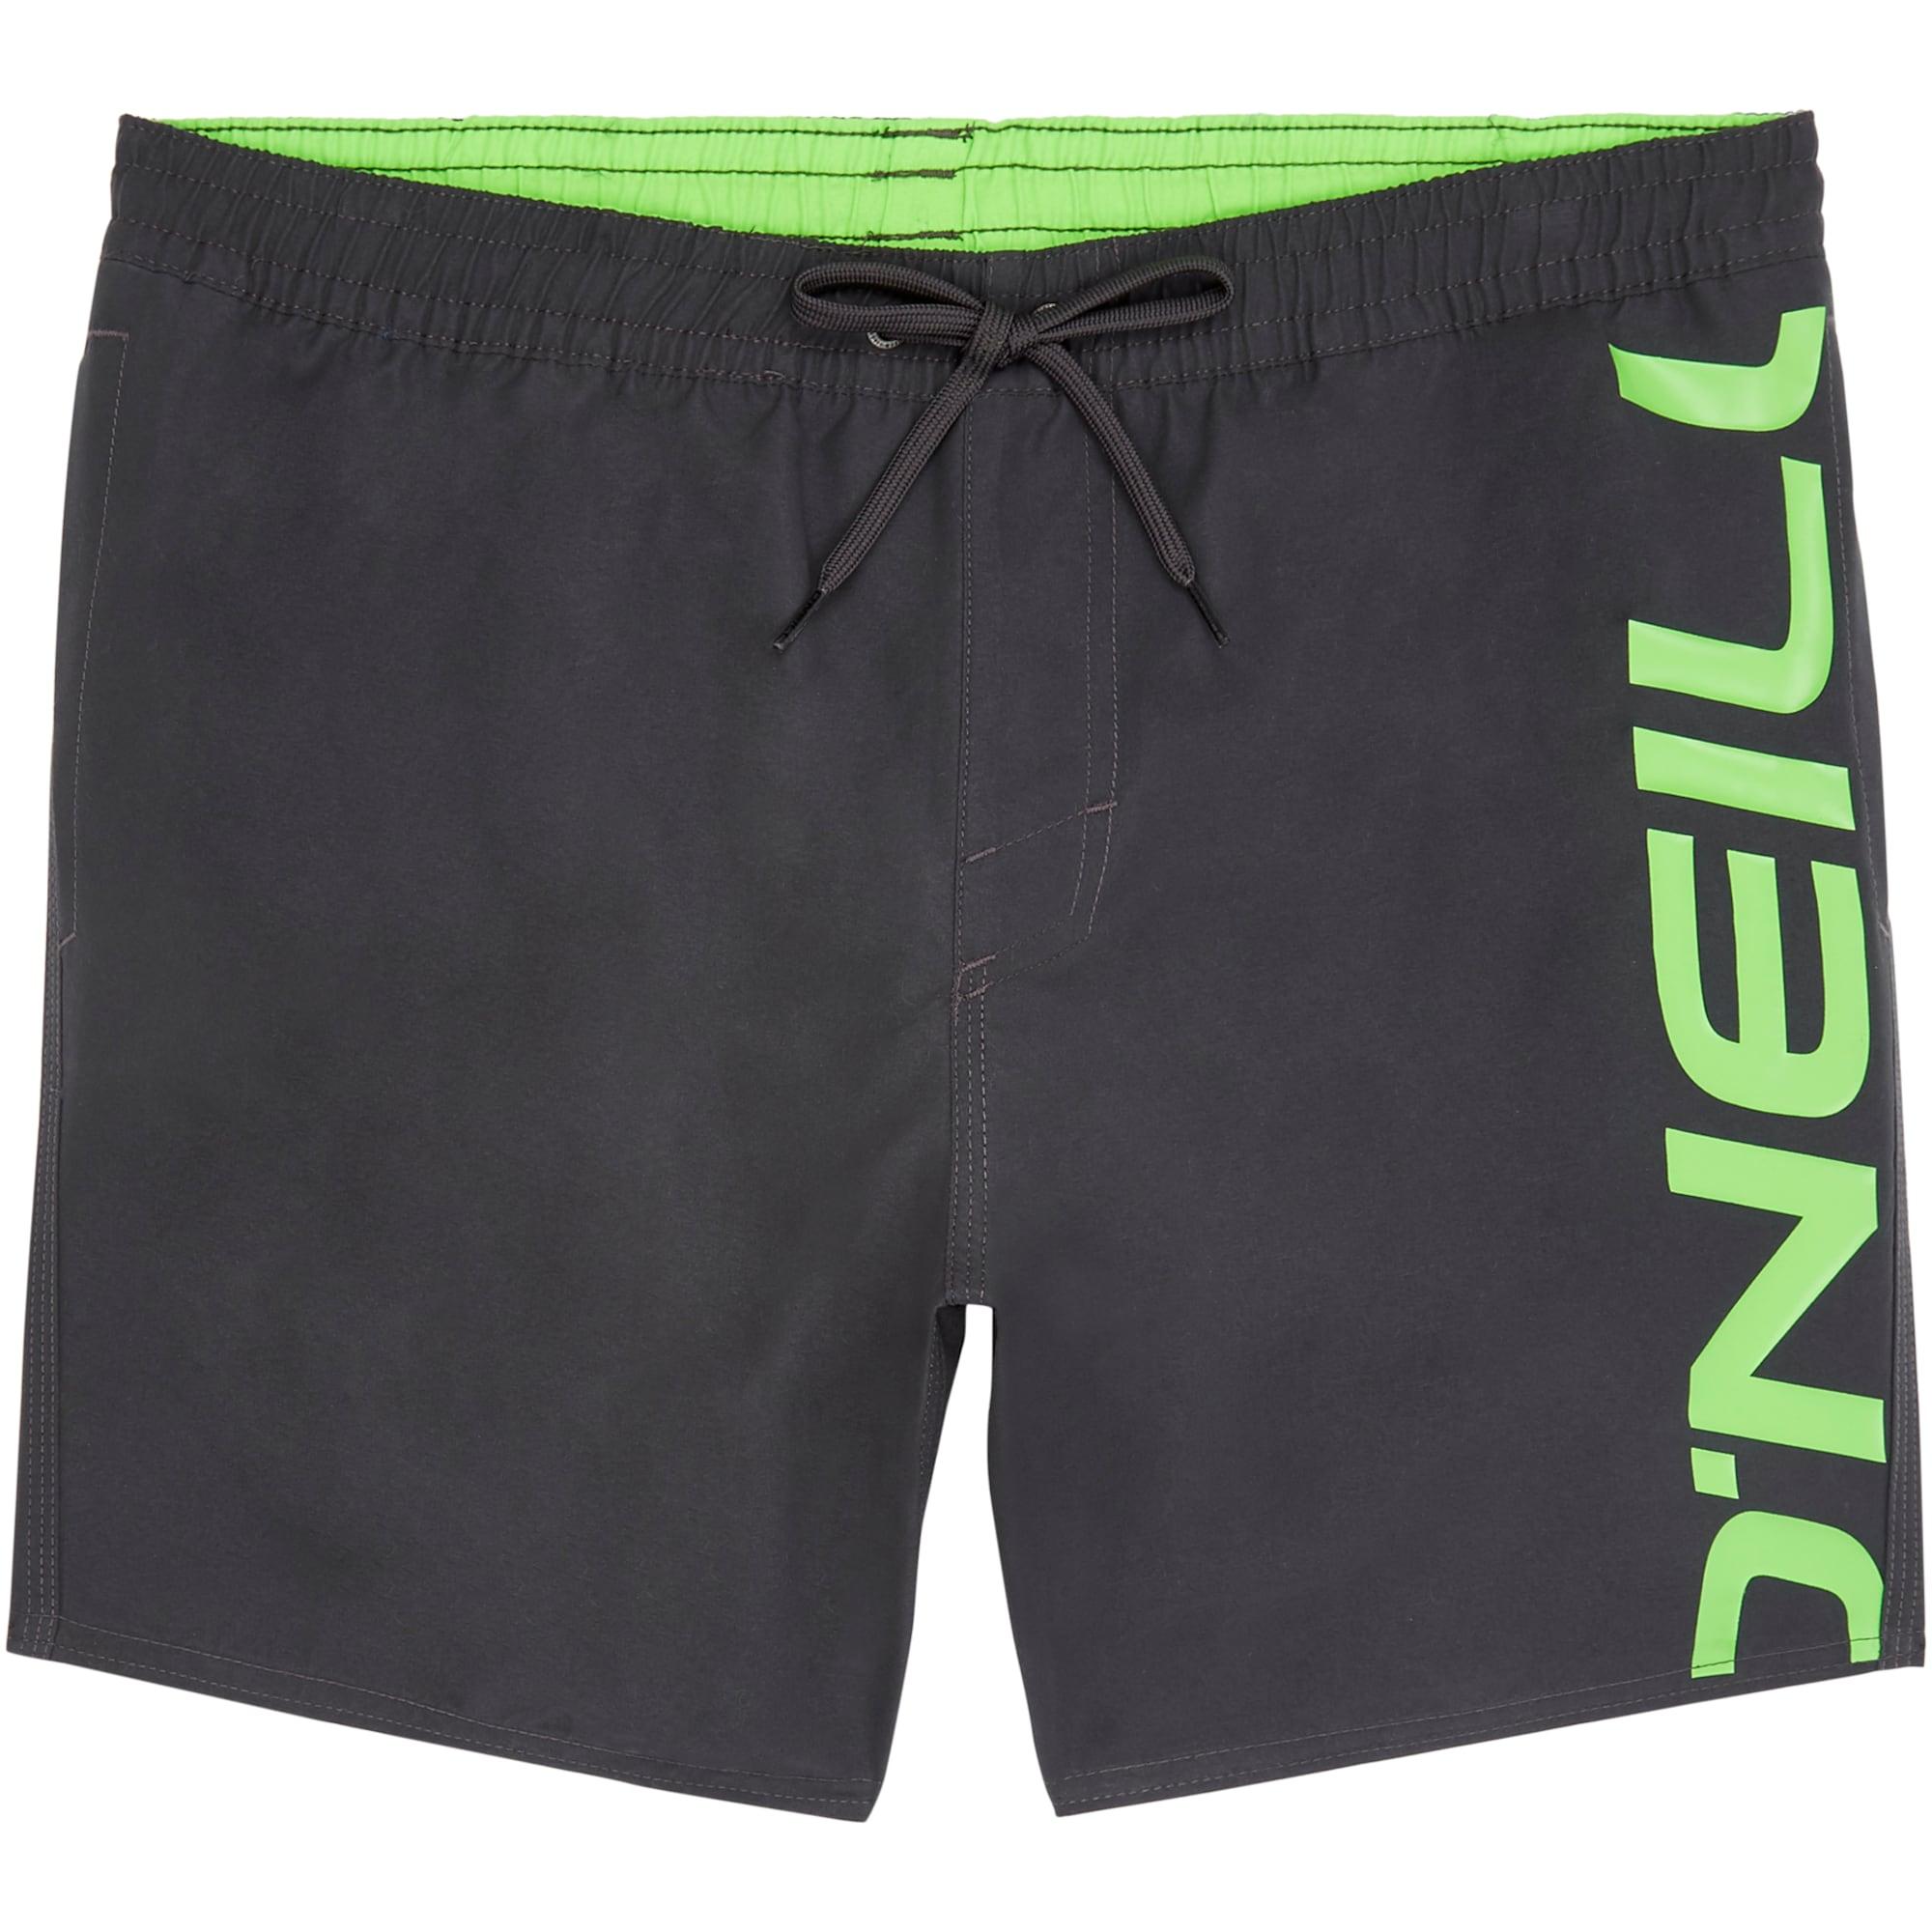 ONEILL Plavecké šortky Cali antracitová svítivě zelená O'NEILL